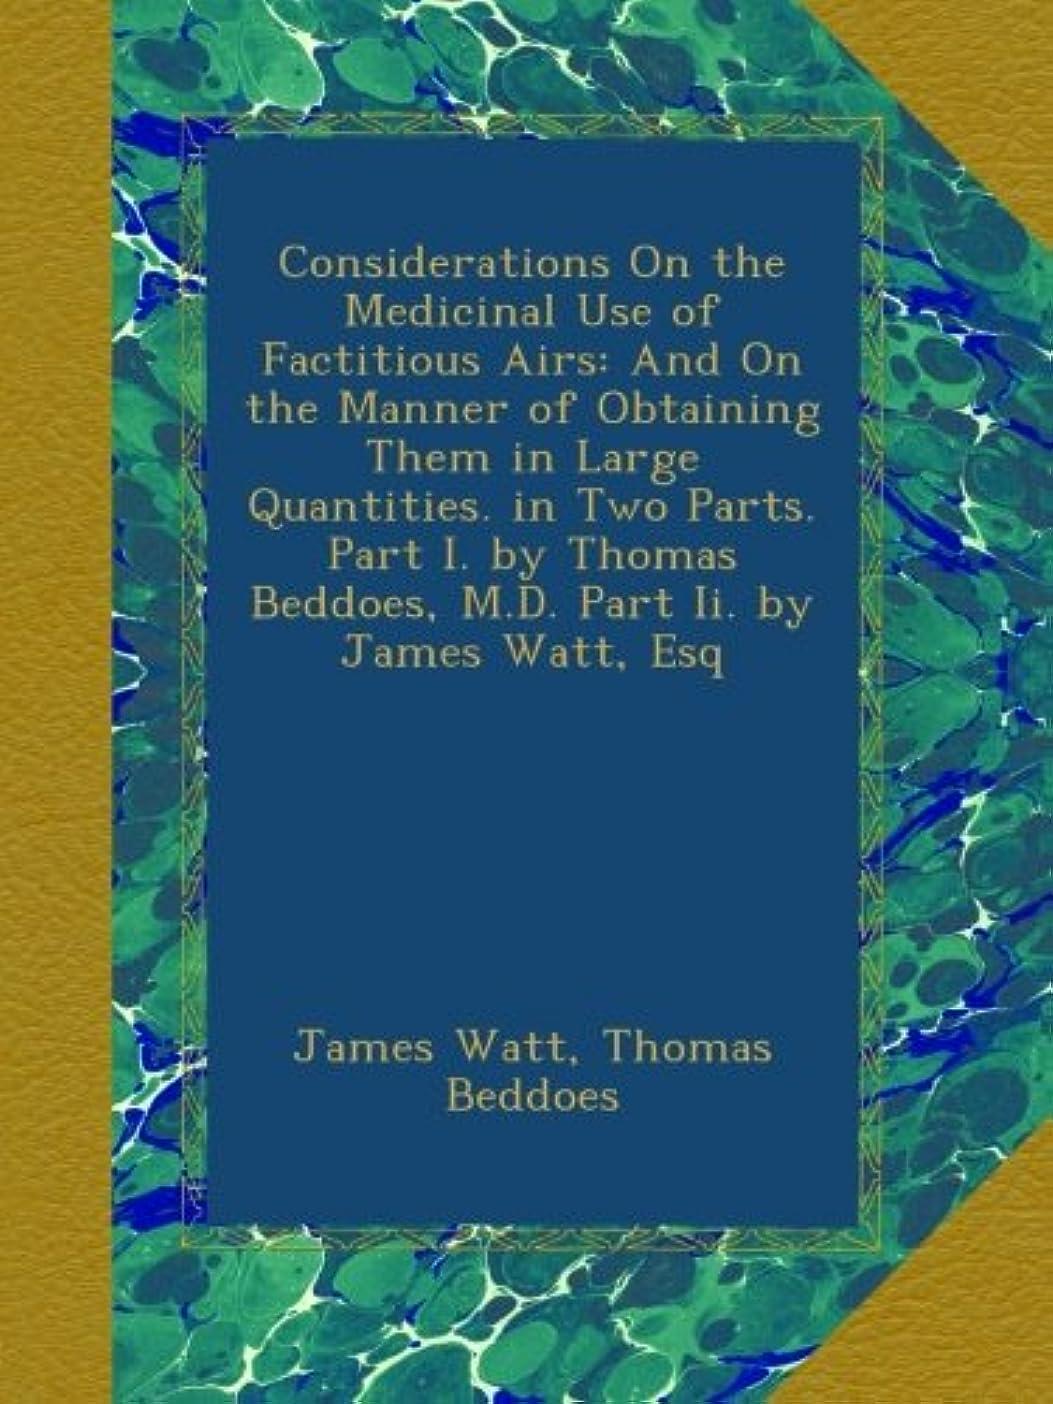 確かな剛性食事を調理するConsiderations On the Medicinal Use of Factitious Airs: And On the Manner of Obtaining Them in Large Quantities. in Two Parts. Part I. by Thomas Beddoes, M.D. Part Ii. by James Watt, Esq